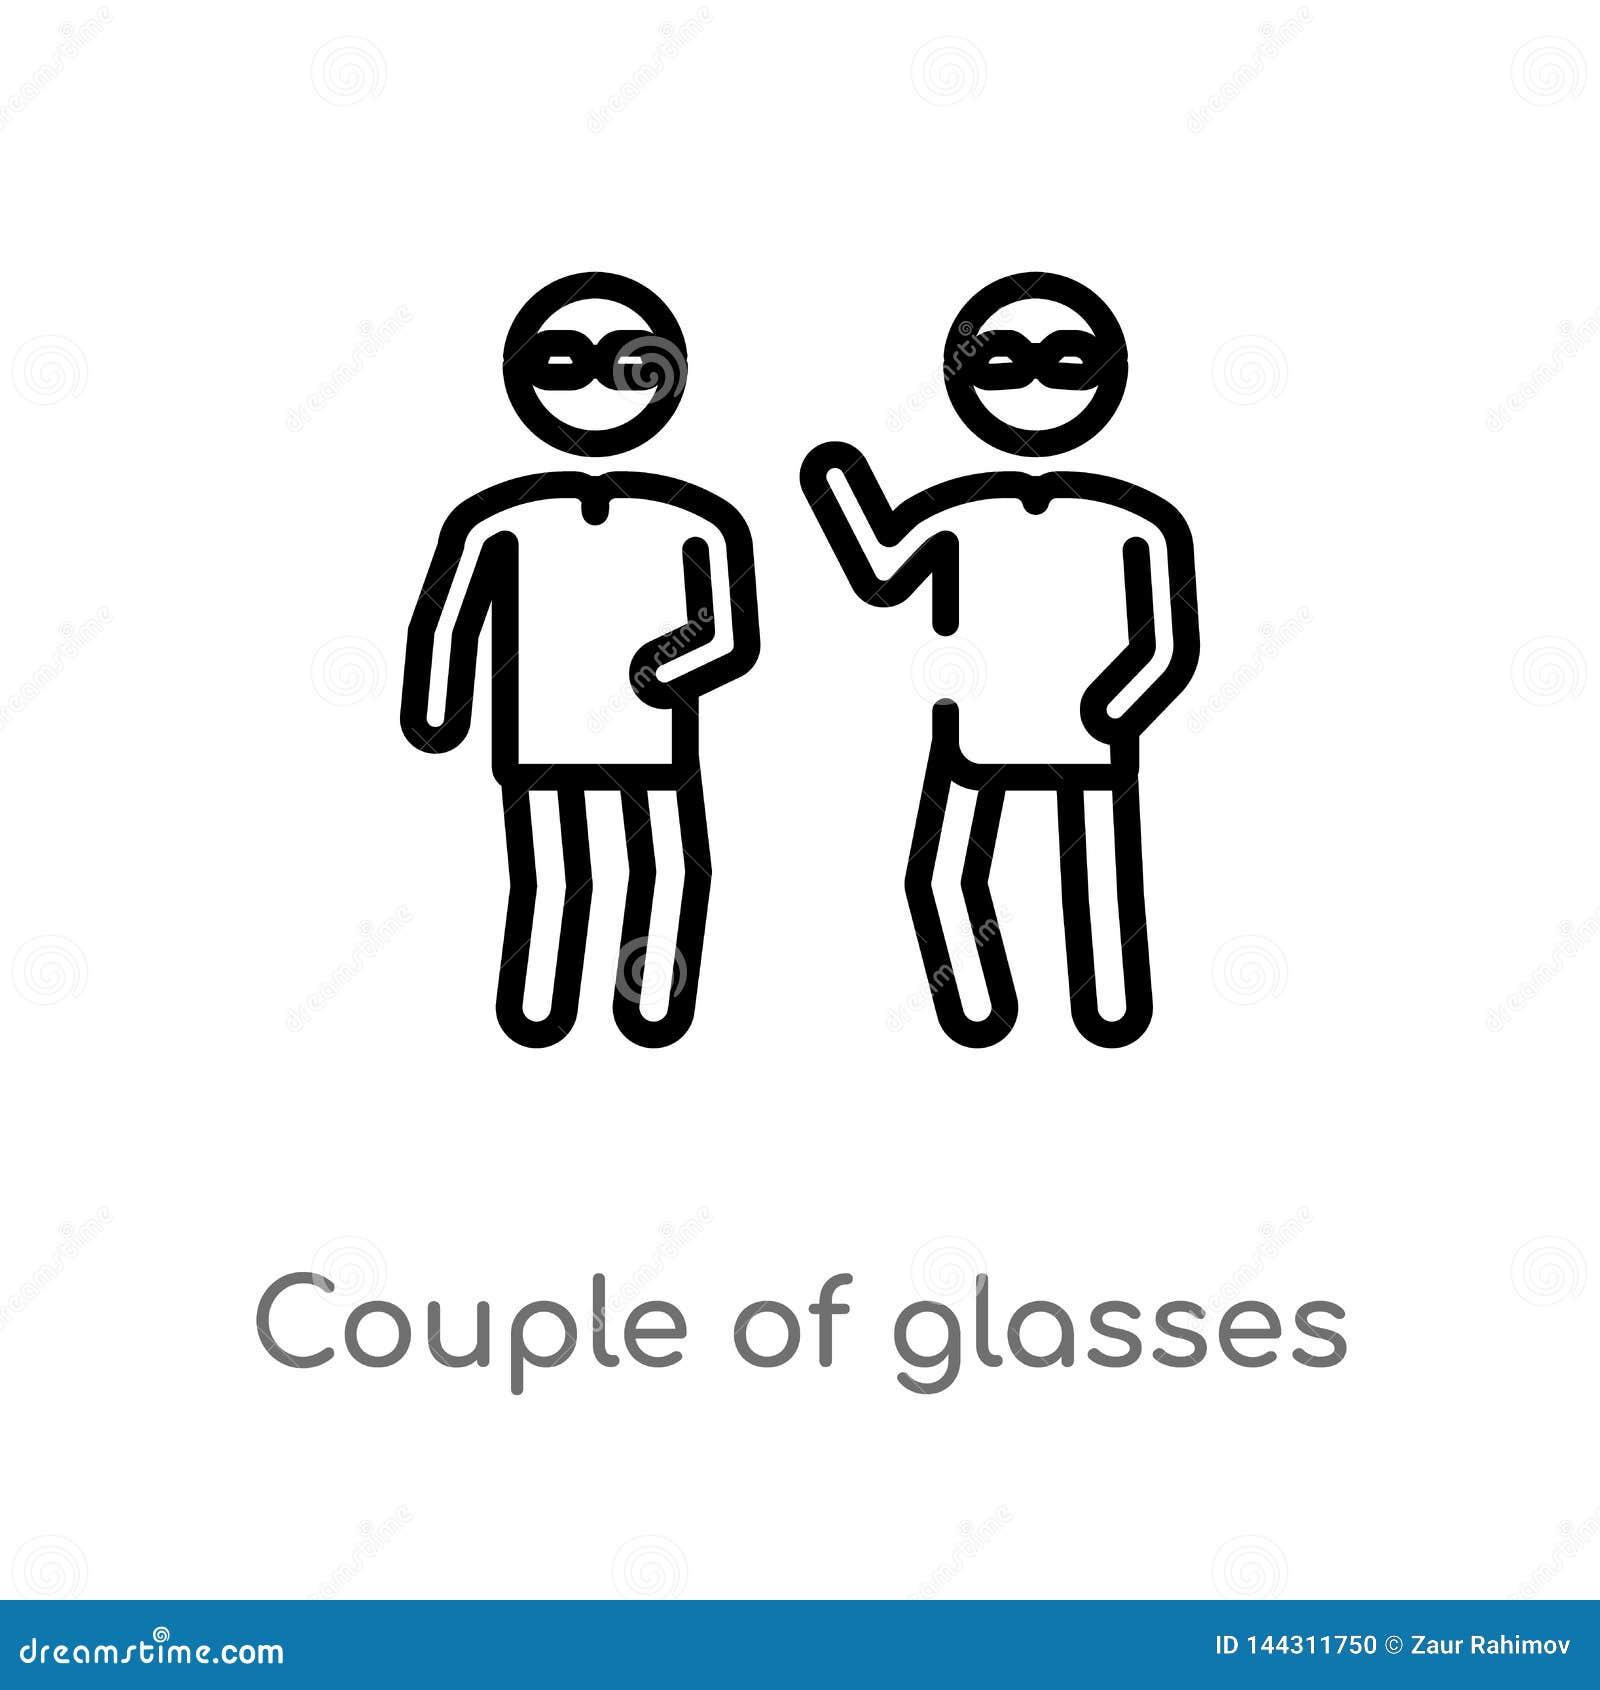 ζεύγος περιλήψεων του διανυσματικού εικονιδίου γυαλιών απομονωμένη μαύρη απλή απεικόνιση στοιχείων γραμμών από την έννοια ανθρώπω